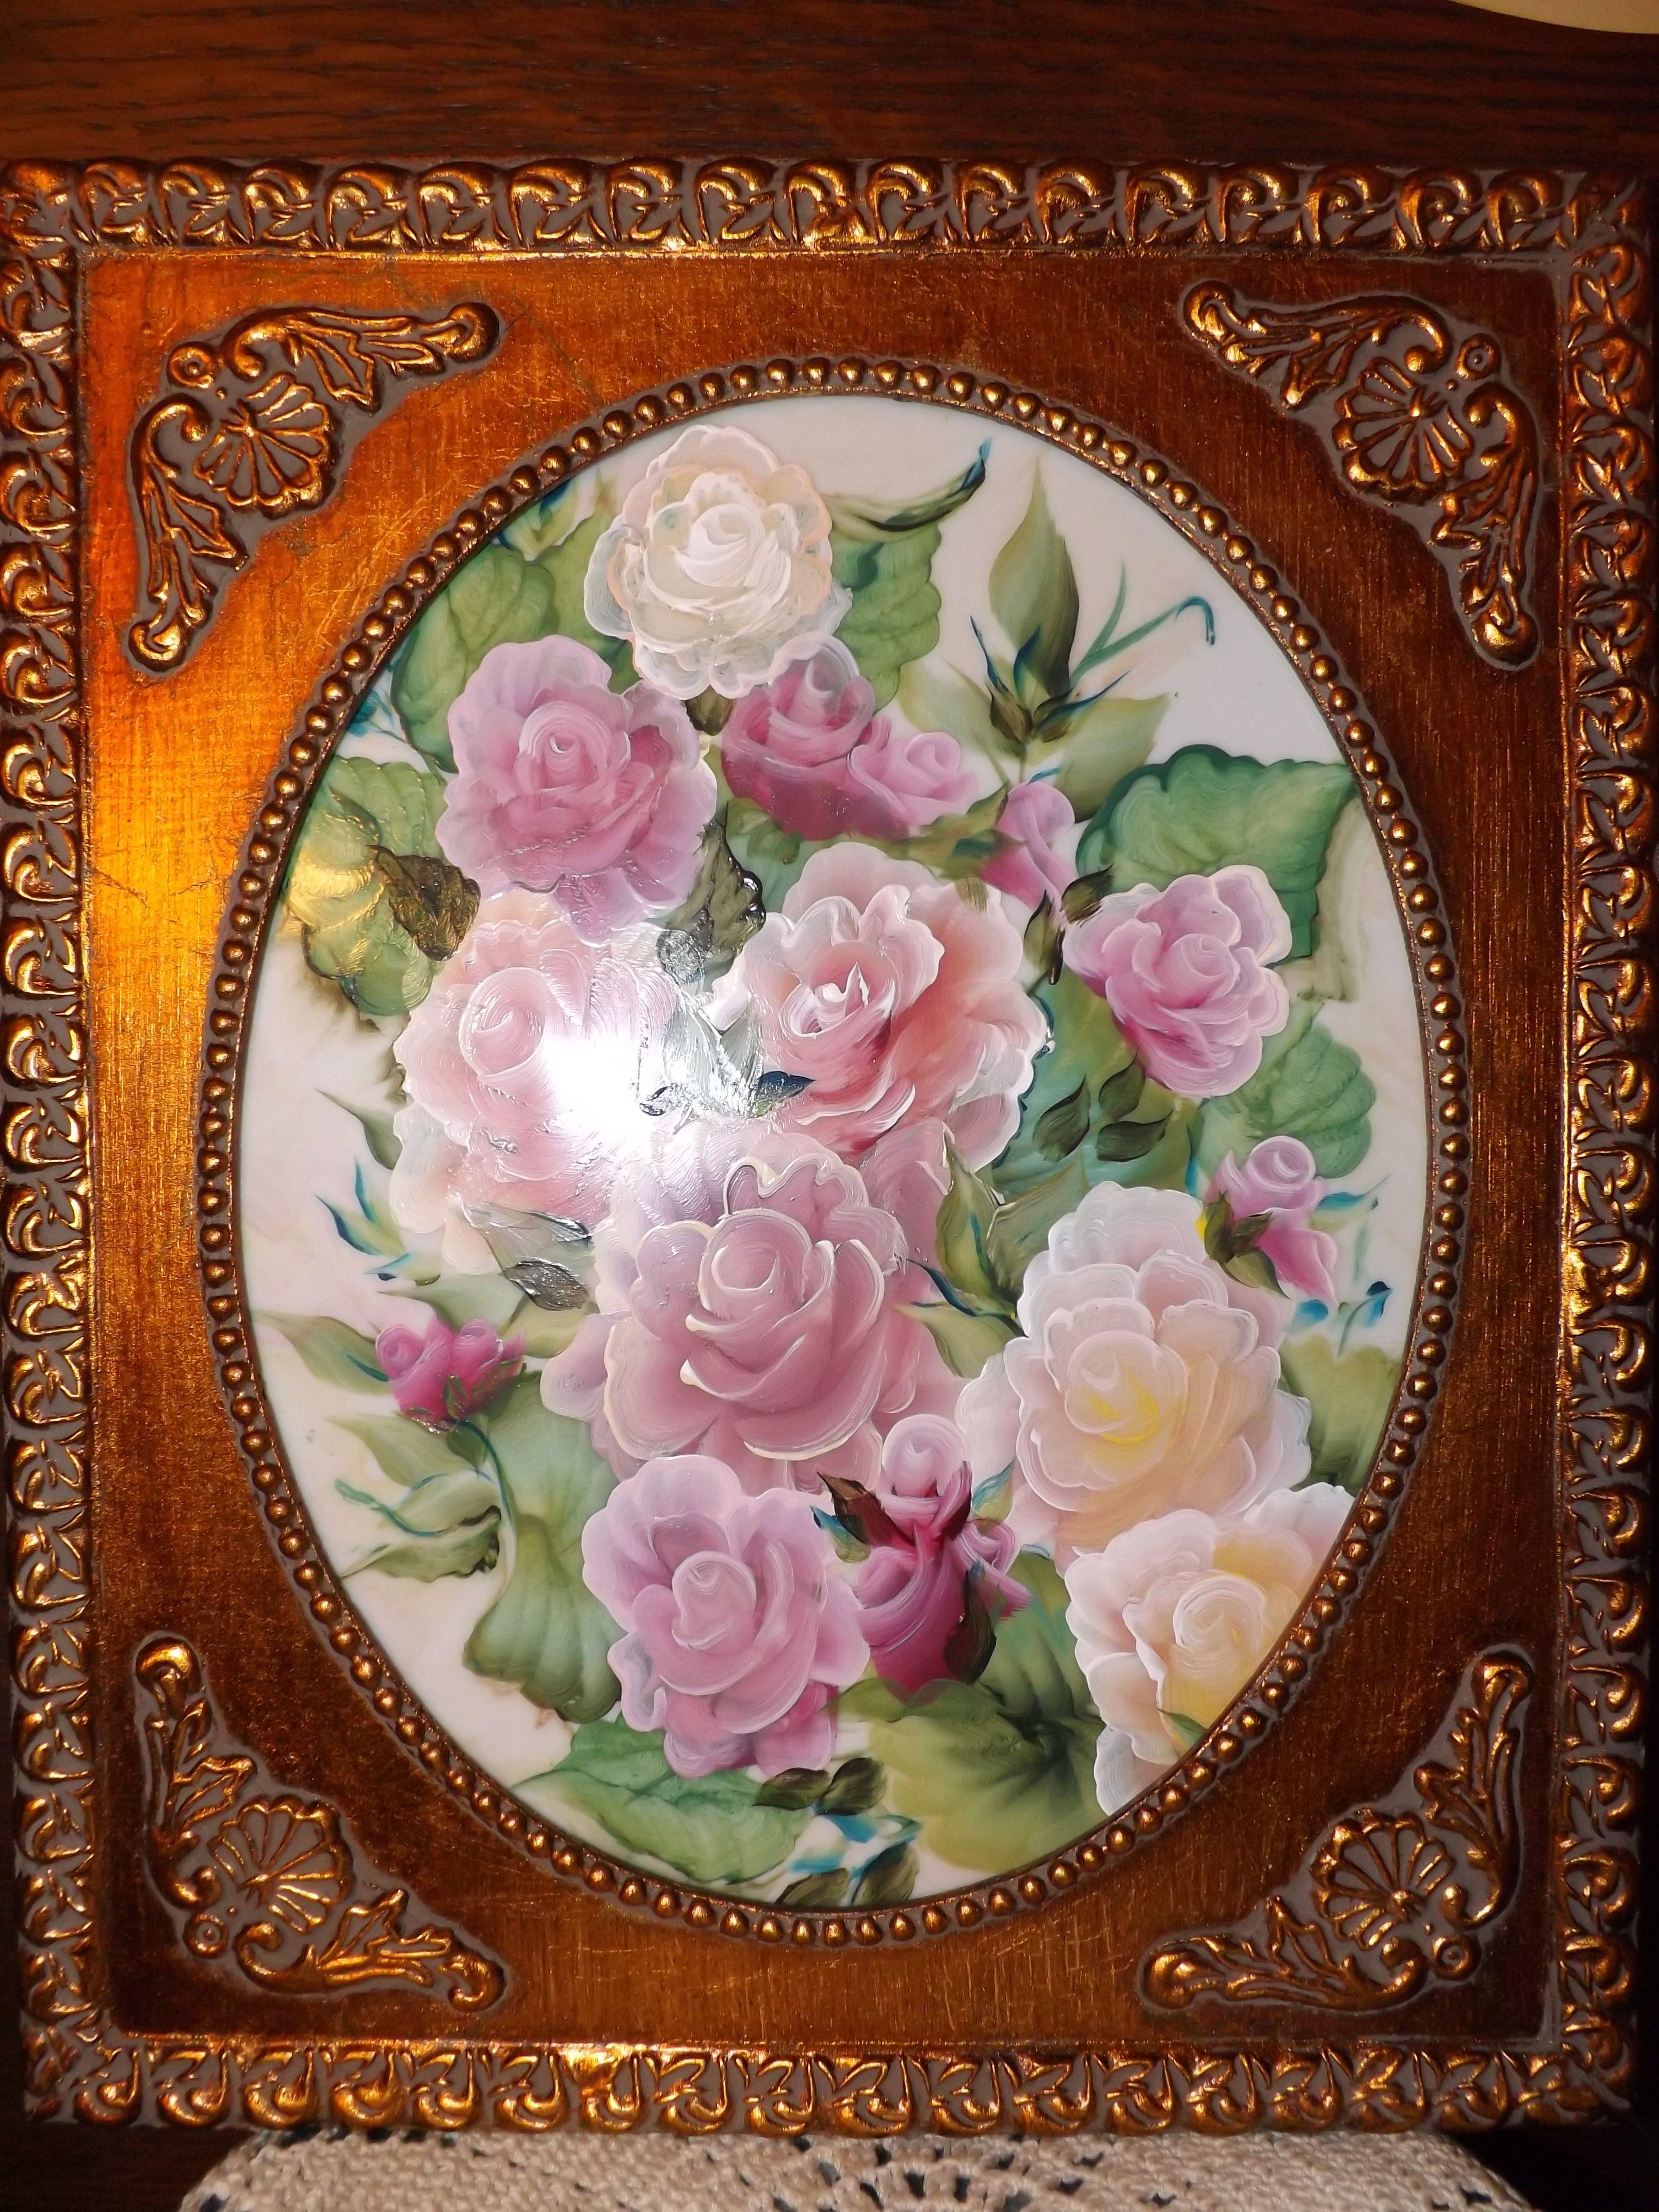 Acrylic Painting On Porcelain China China Porcelain